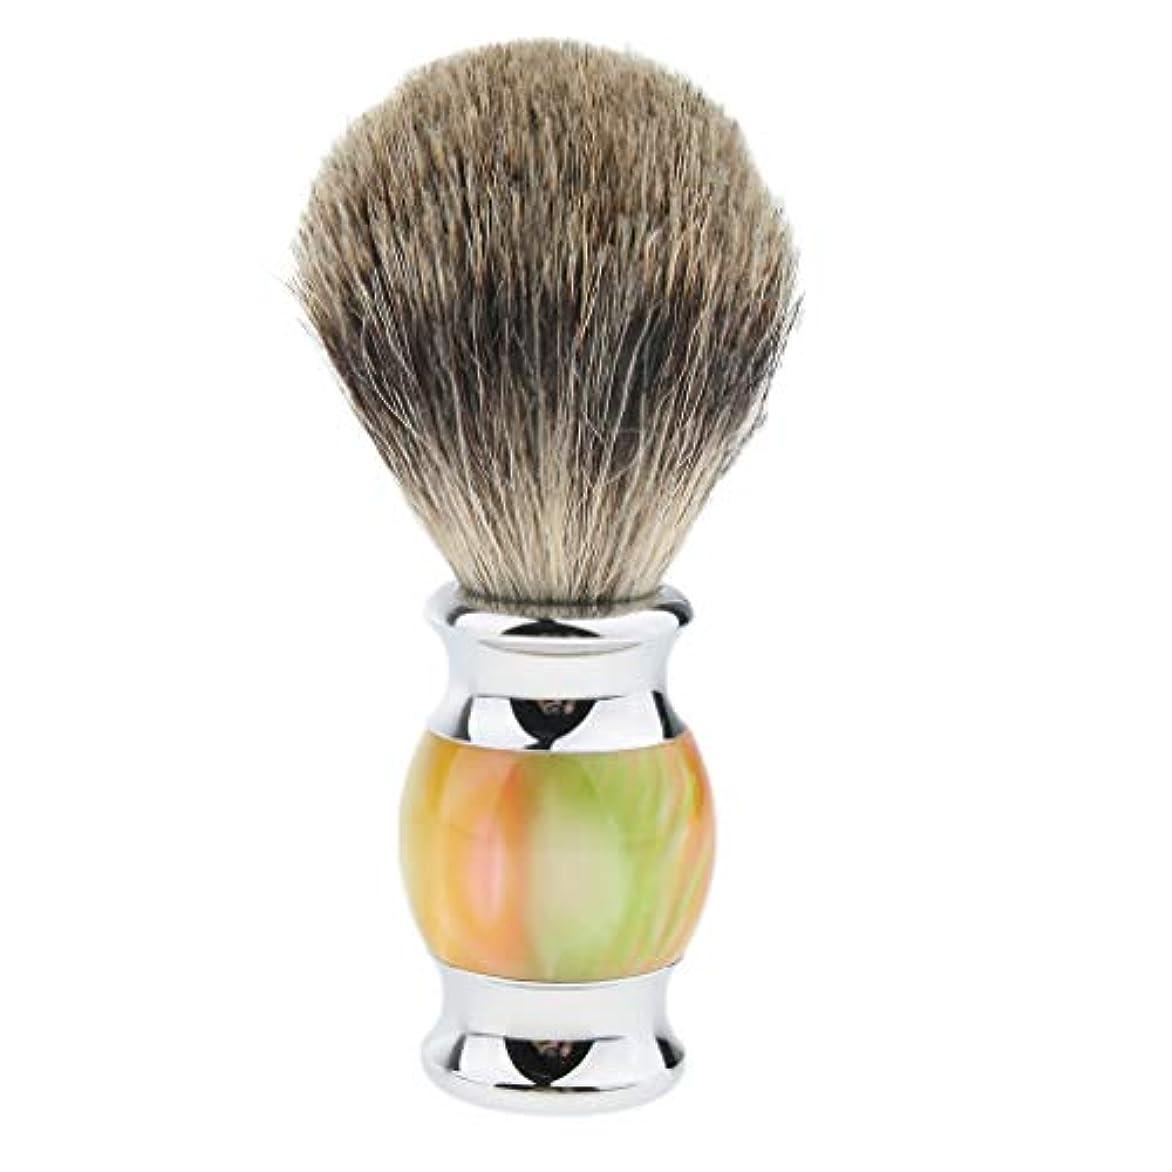 画家ふさわしいブルシェービングブラシ メンズ 髭剃り ひげ剃り ひげそり 美容 理容 多色選べ - 01